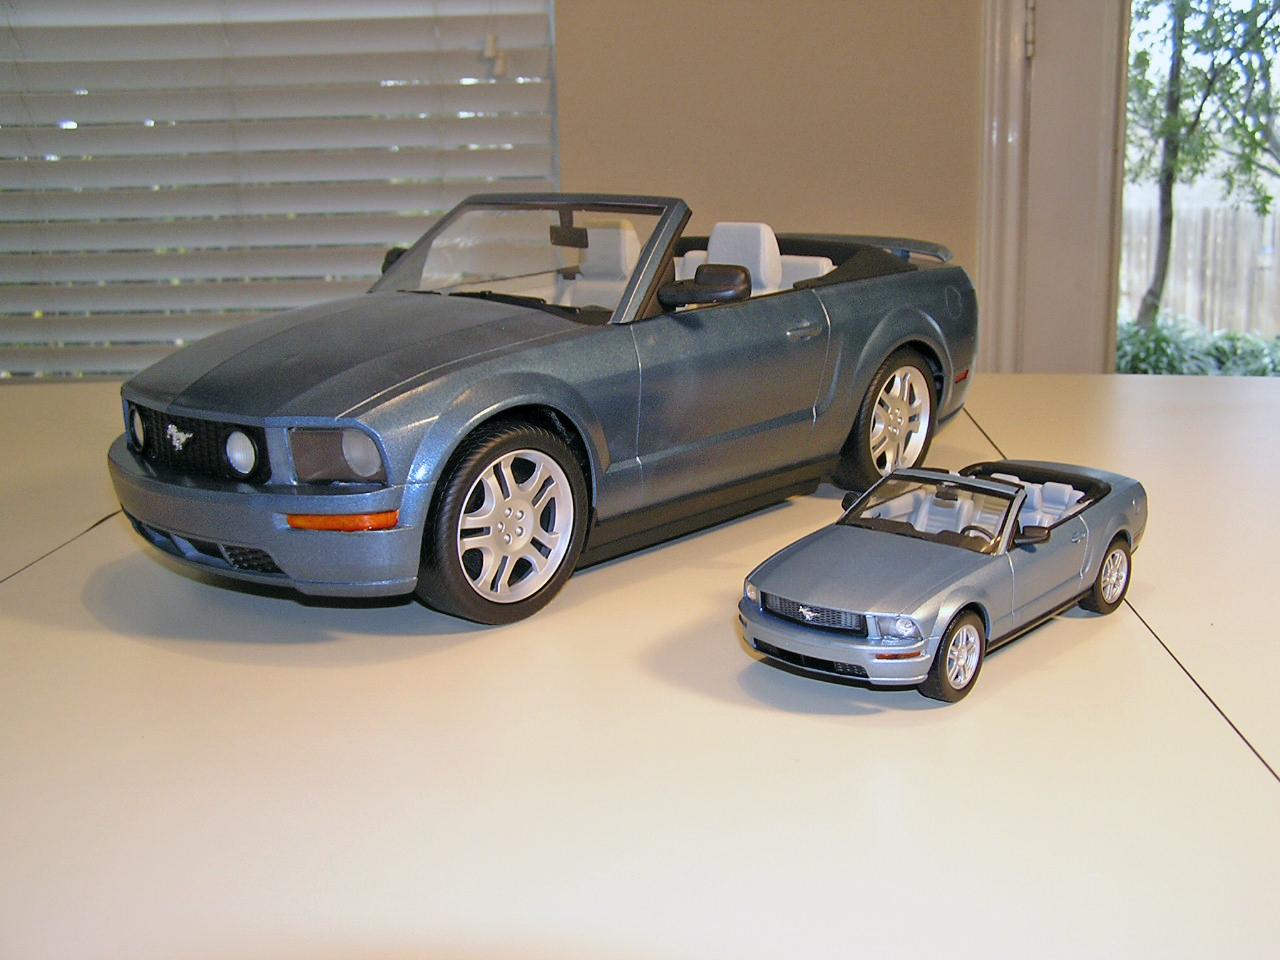 Mustang-5.JPG.155d1f923fb2f48e5ddba0ee4414f0bd.JPG